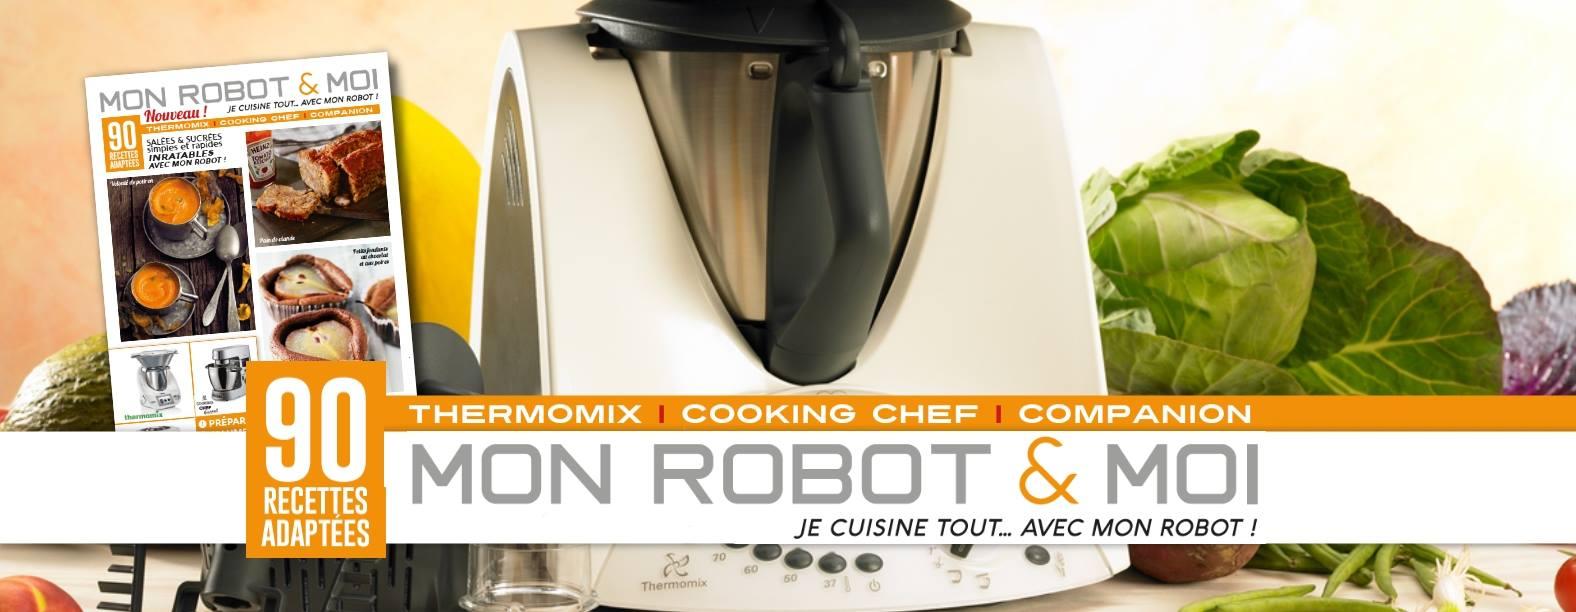 20901505 1801515126806653 7101619564905929510 o - Nouveau magazine : Mon robot & moi